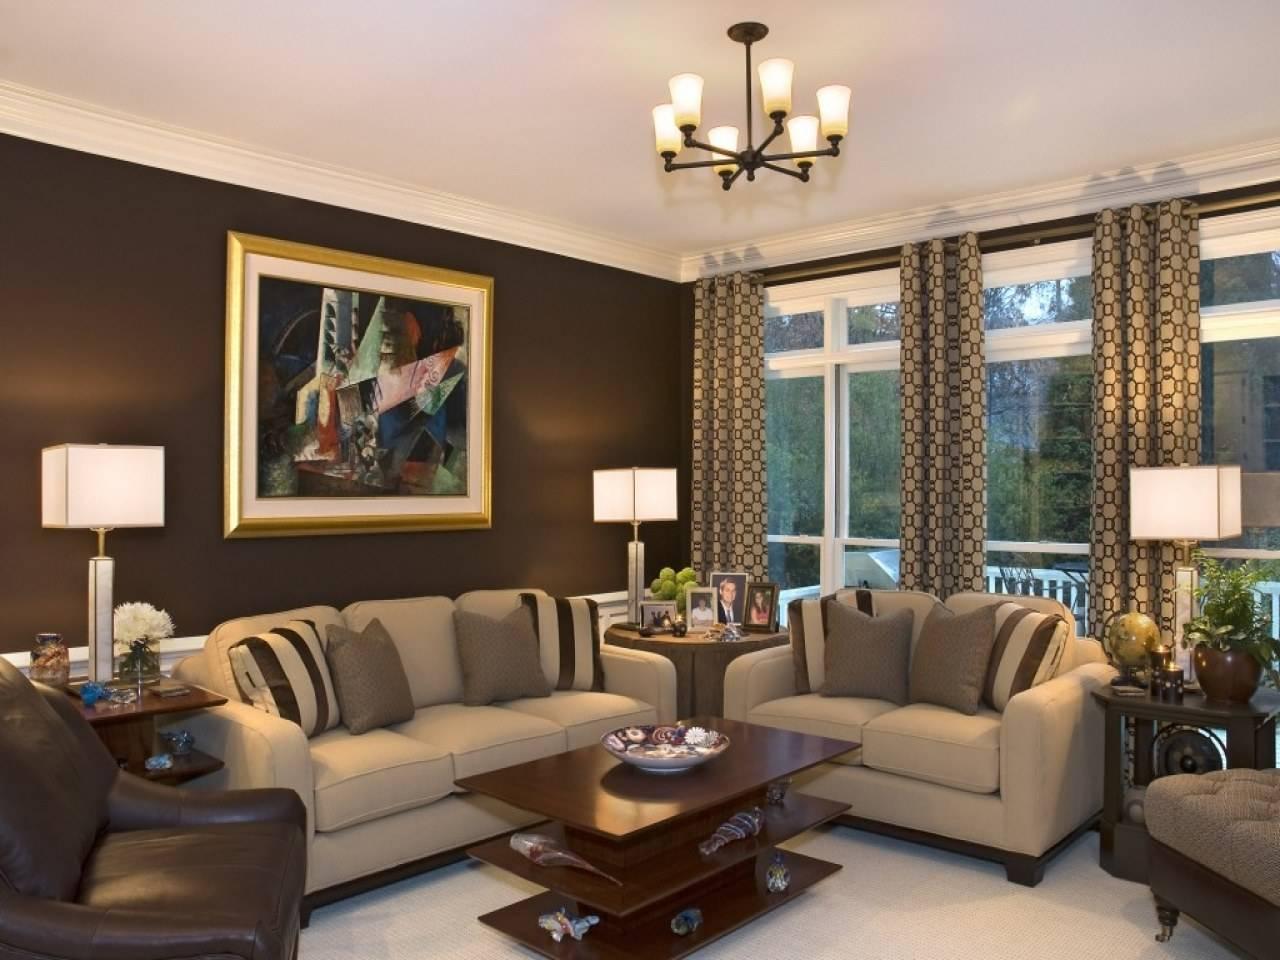 обои на стену в зал фото комбинирование коричневые тона одна